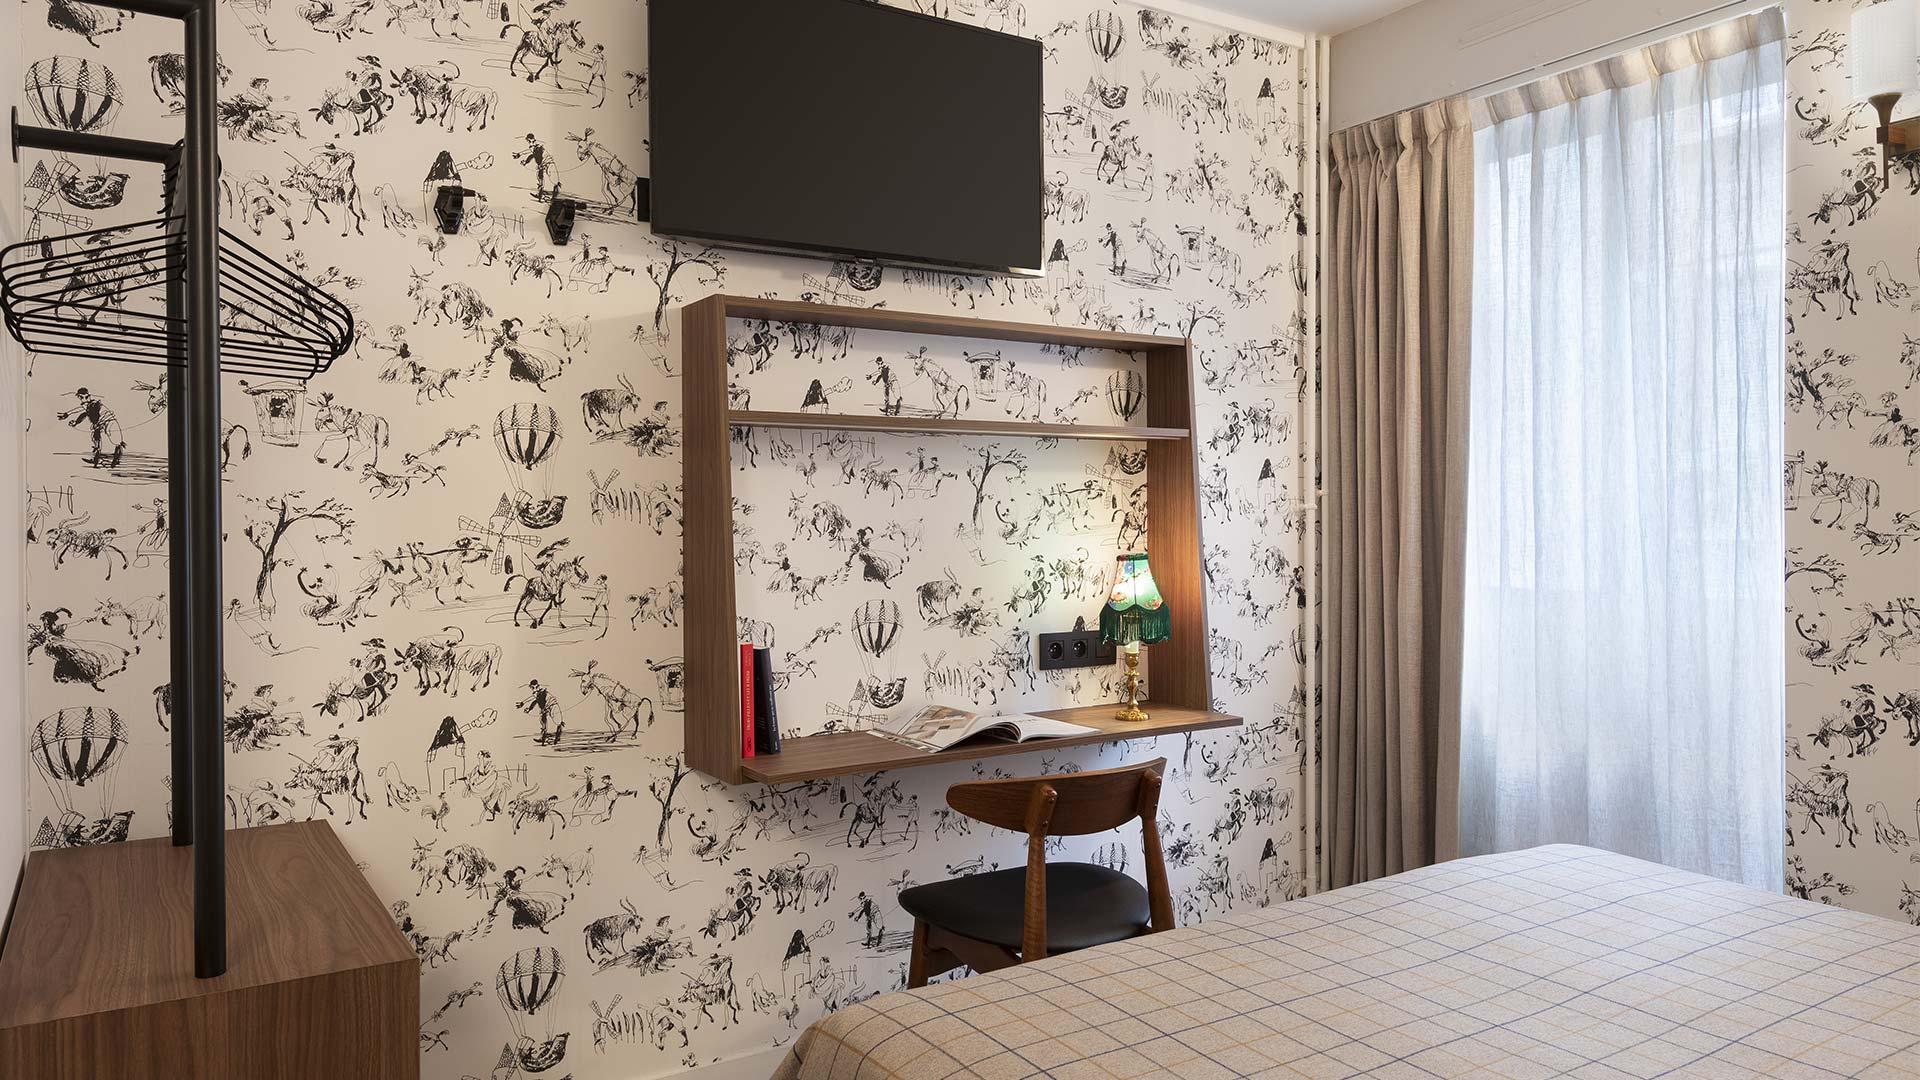 Maison-Barbillon-Hotel-Grenoble-Chambre